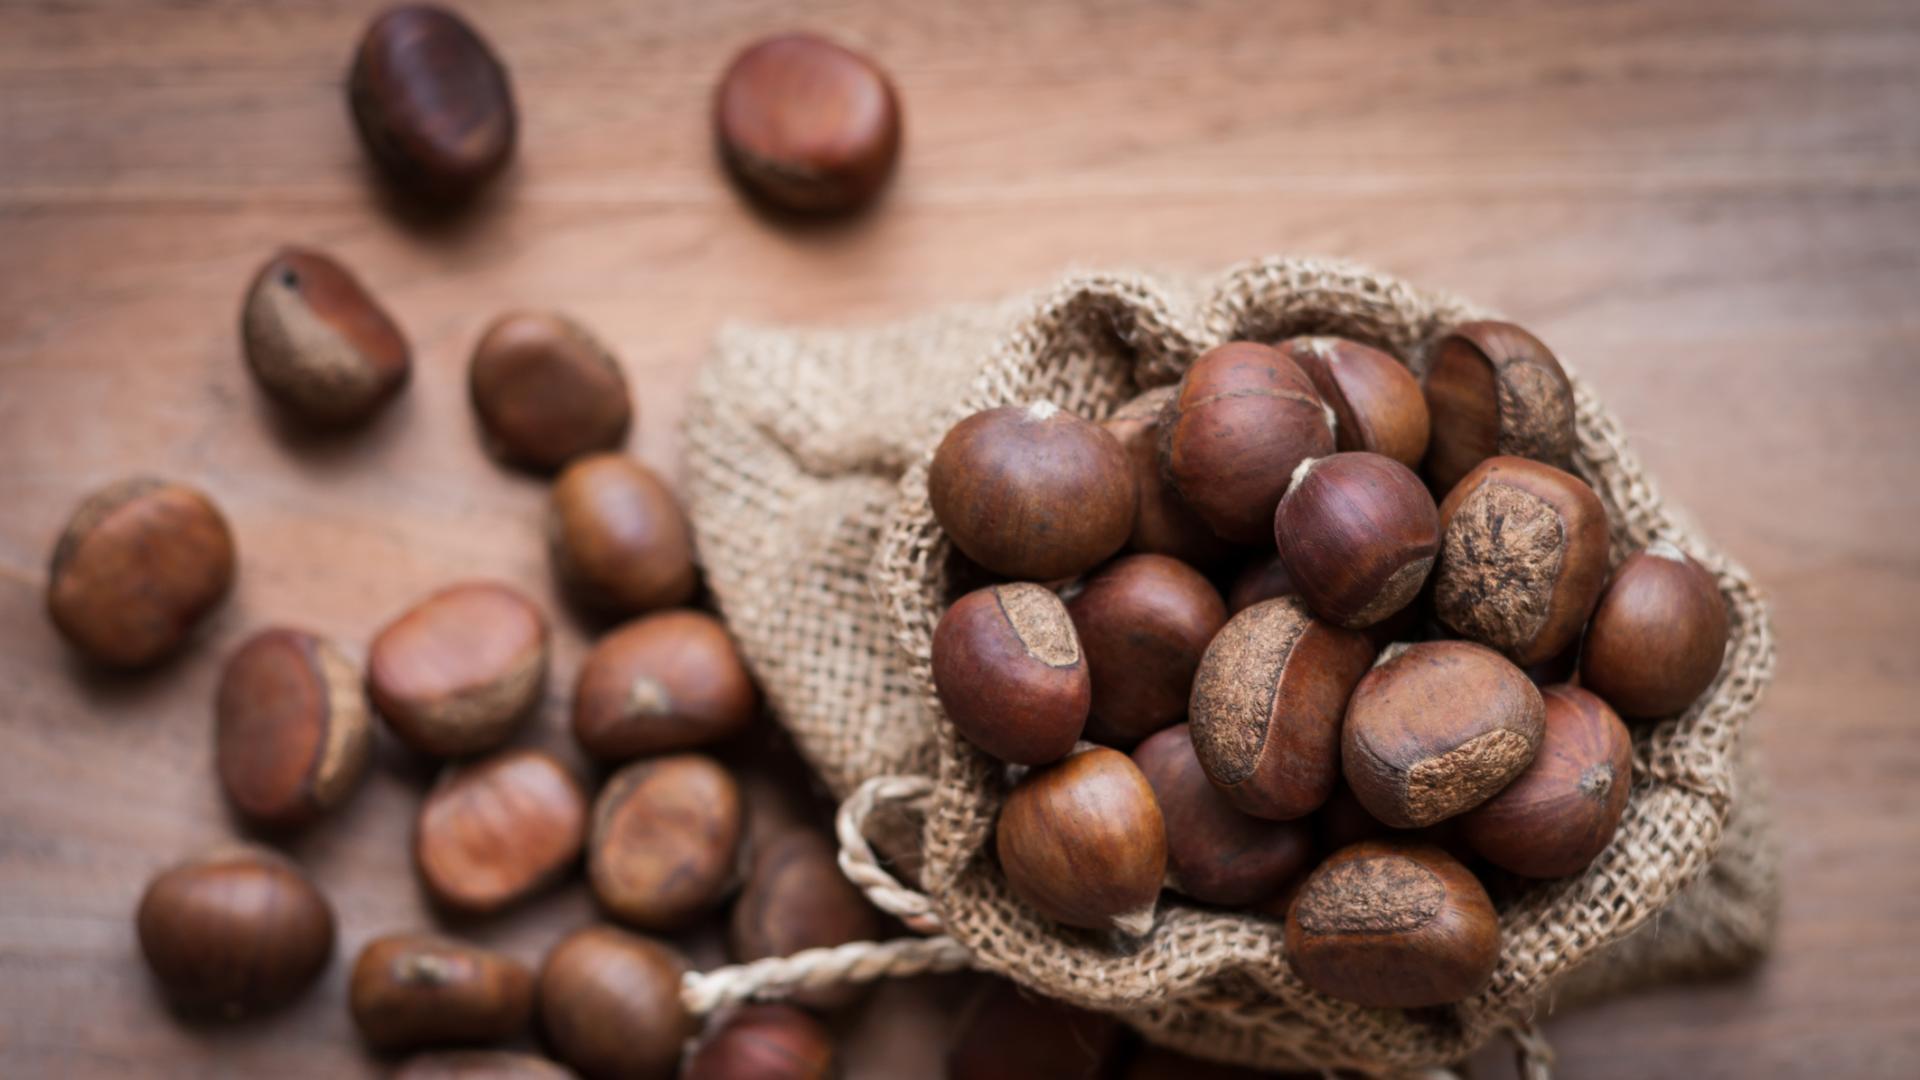 Кестените - природен лек, притежаващ редица вълшебни и енергийни свойства